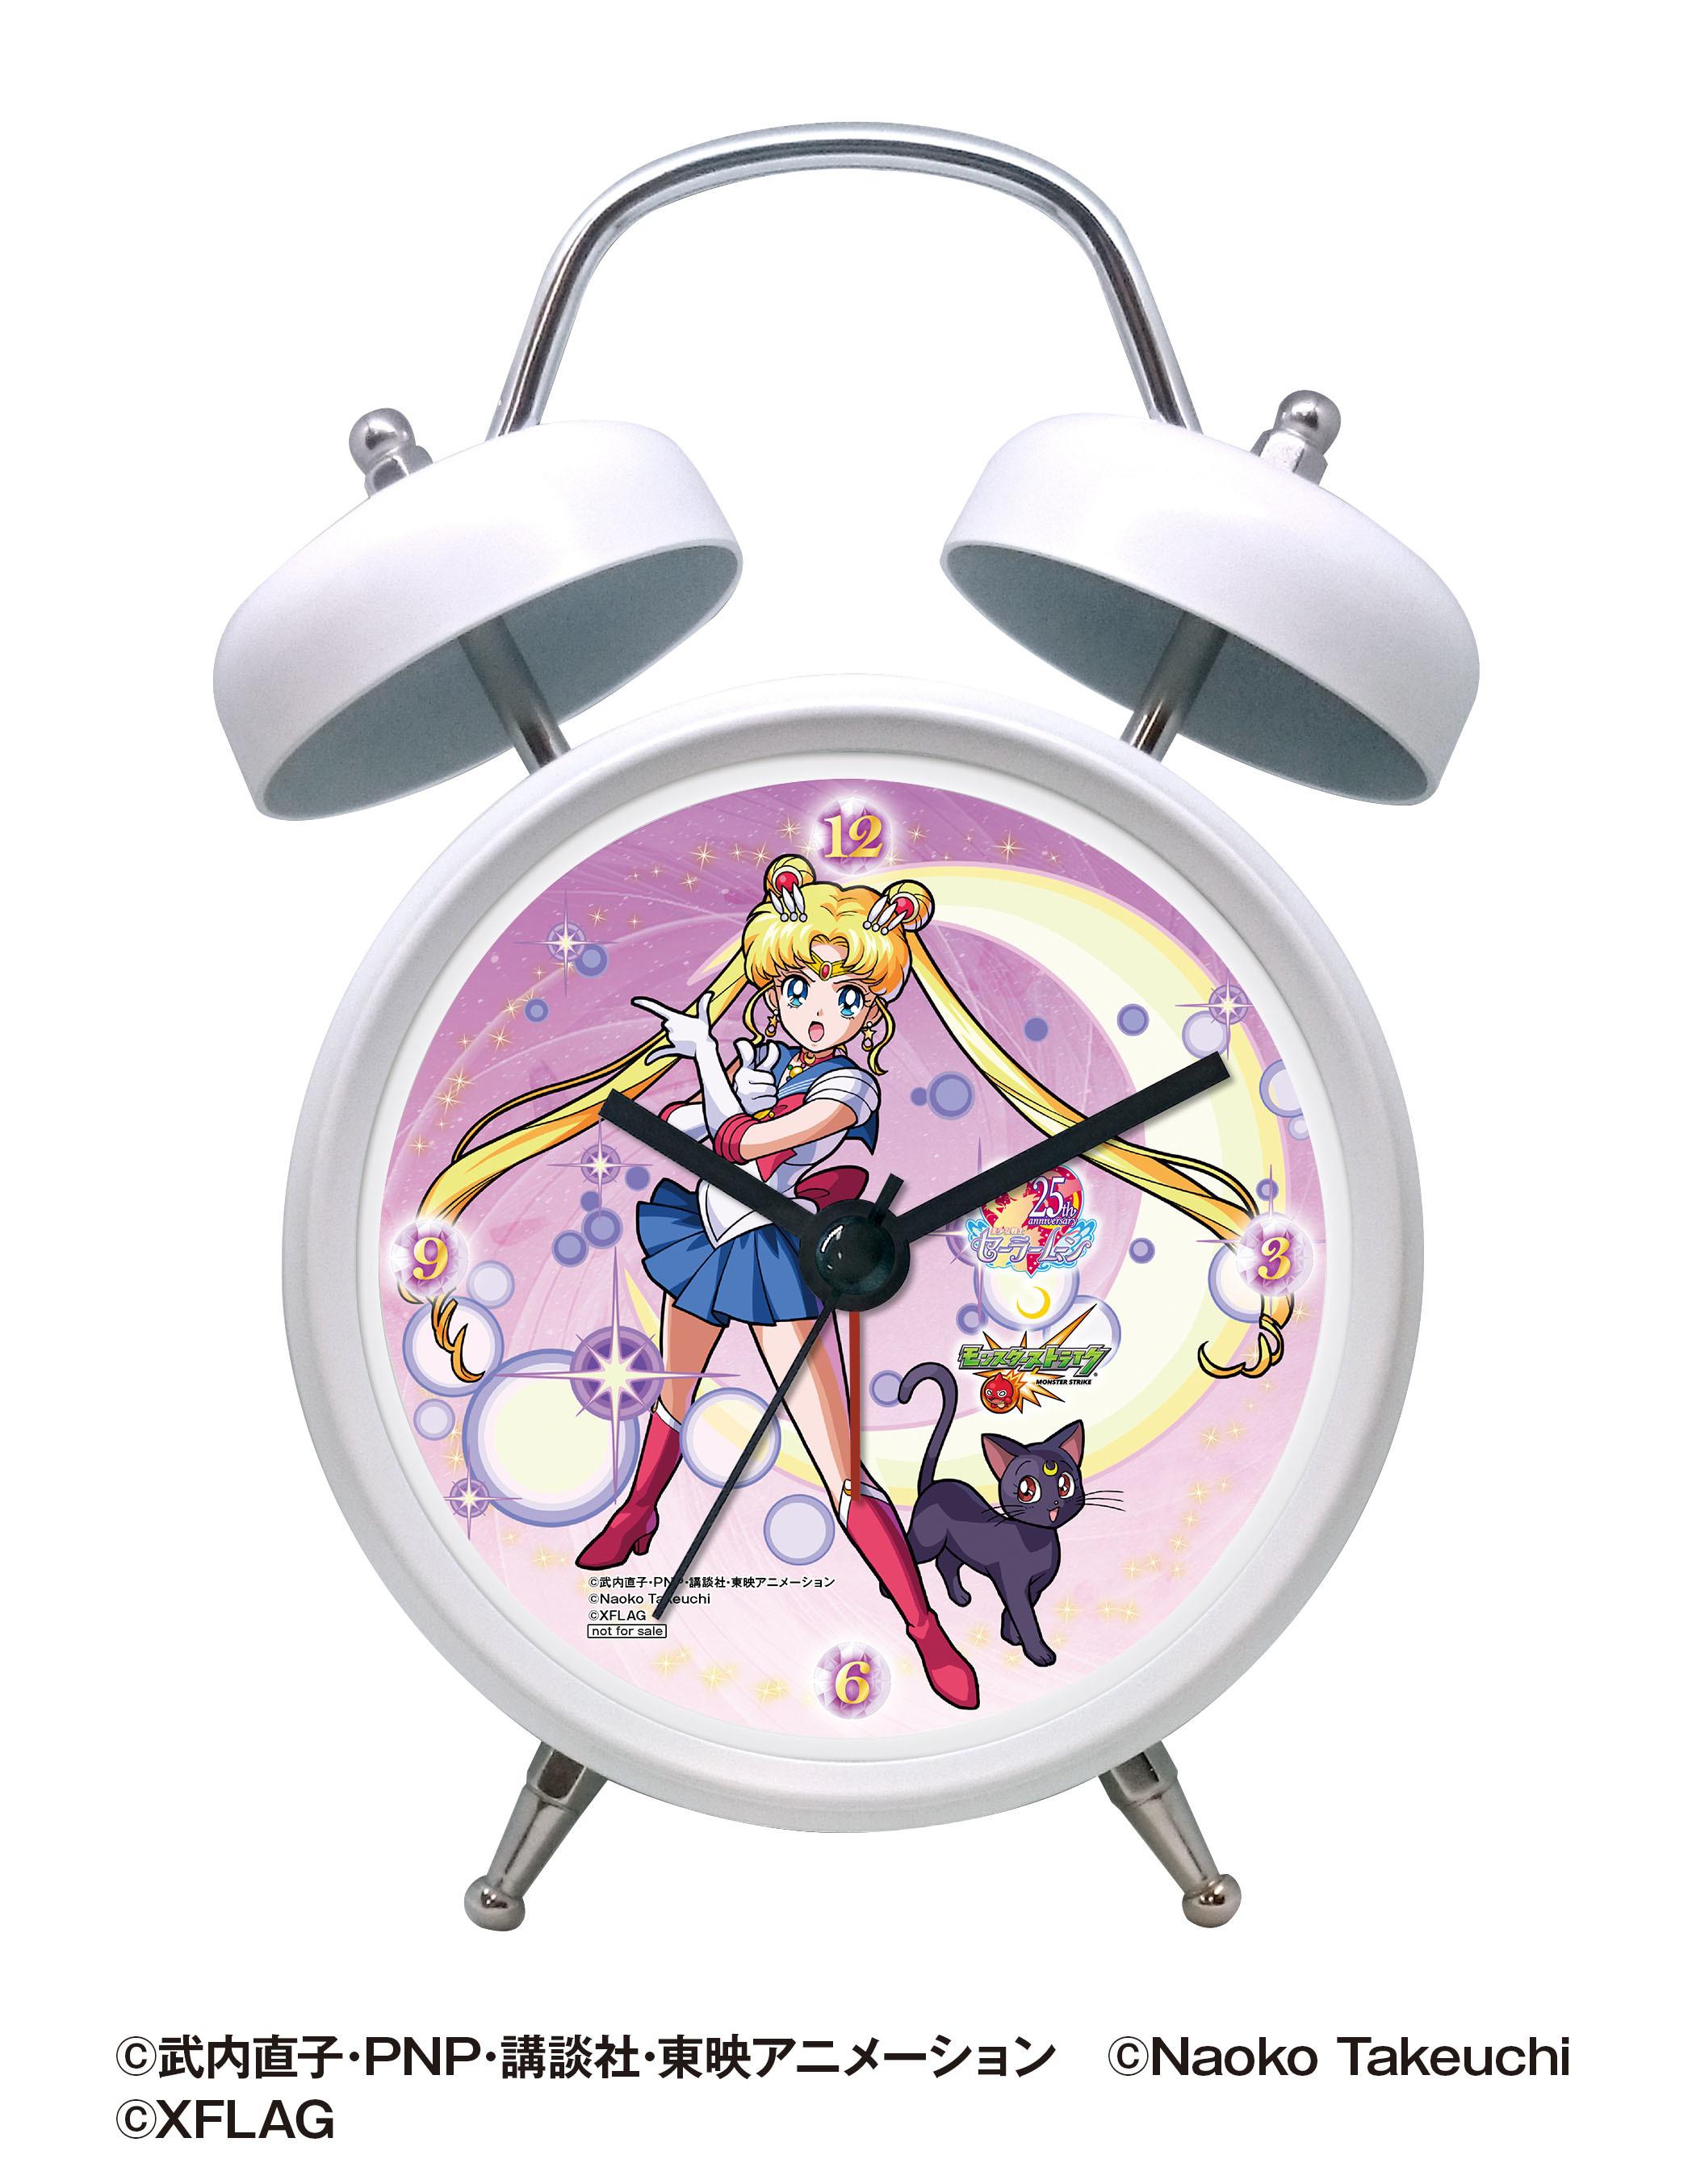 ボイス入り目覚まし時計 ※賞品画像はイメージです